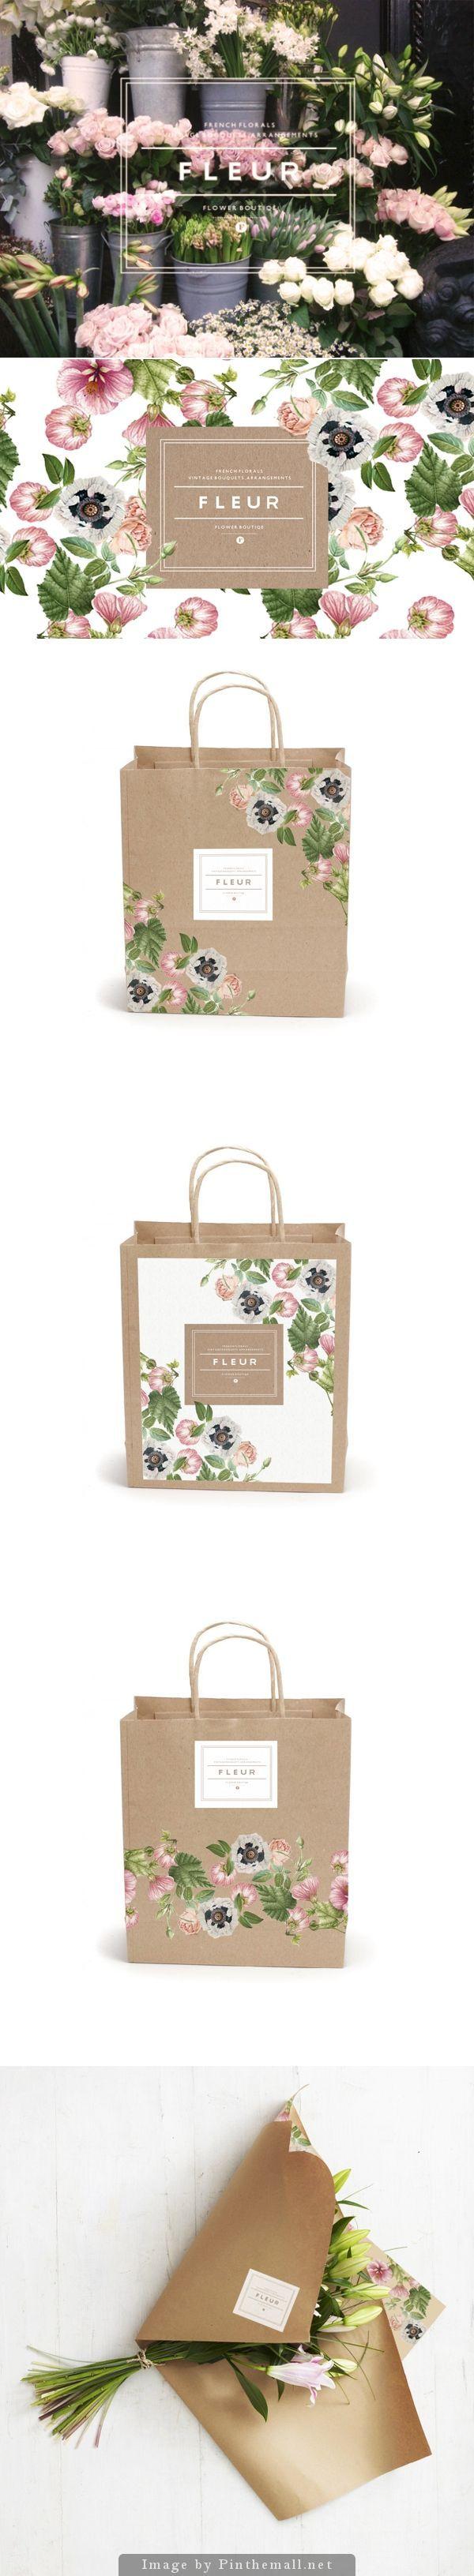 Fleur Vintage Floral Arrangements by Judit Besze... - a grouped images picture - Pin Them All - bags, tote, pack, satchel, designer, designer bag *ad